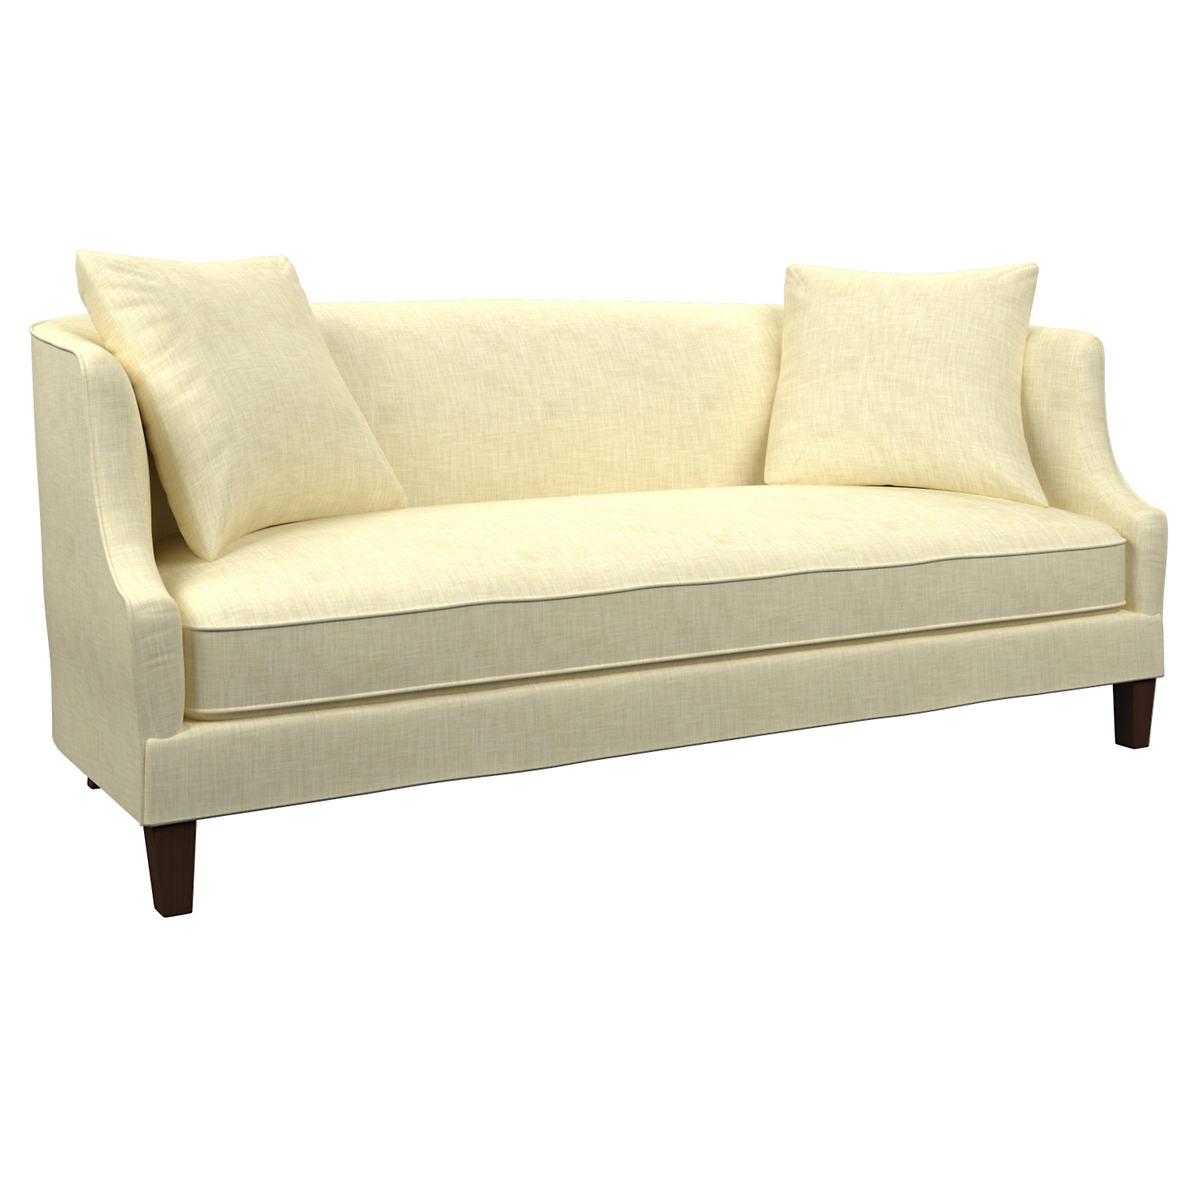 Greylock Ivory Cheshire Sofa